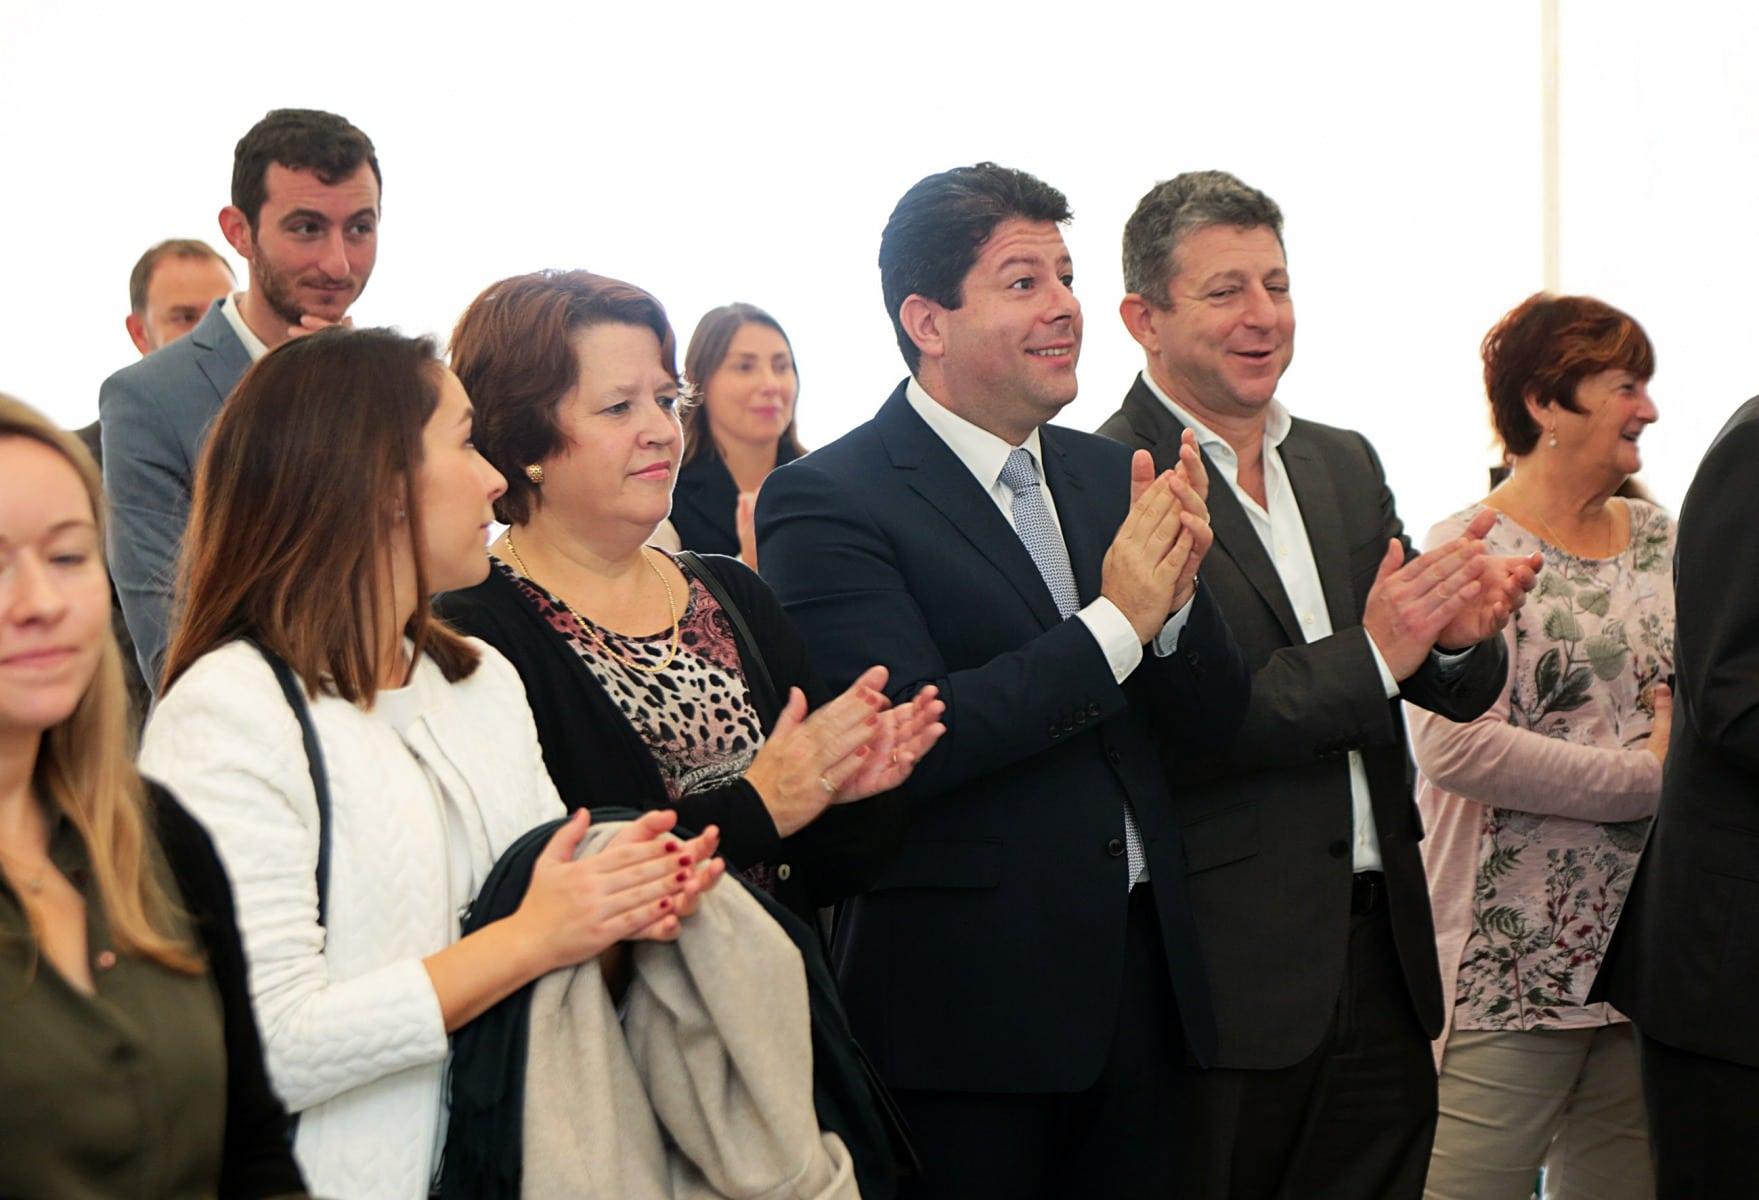 inauguracin-del-monumento-a-la-mujer-en-gibraltar_30656122673_o